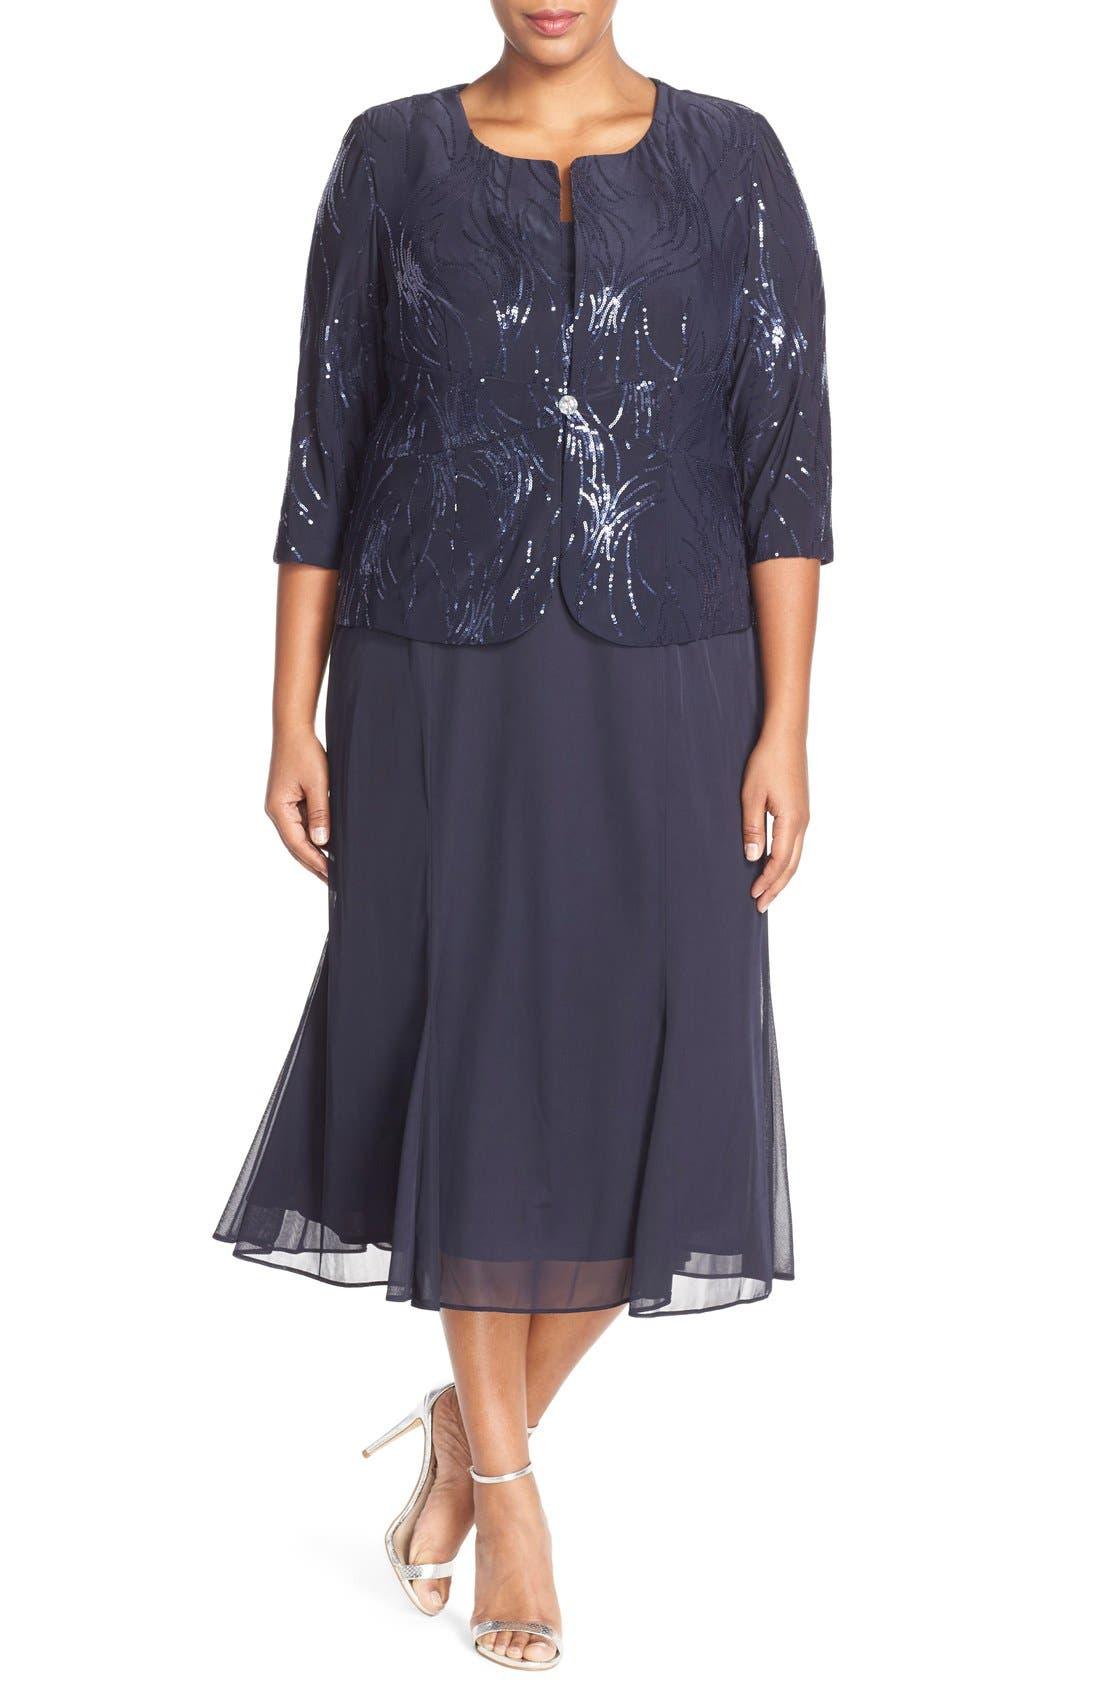 1930s Art Deco Plus Size Dresses | Tea Dresses, Party Dresses Plus Size Womens Alex Evenings Sequin Mock Two-Piece Dress With Jacket Size 24W - Blue $146.30 AT vintagedancer.com